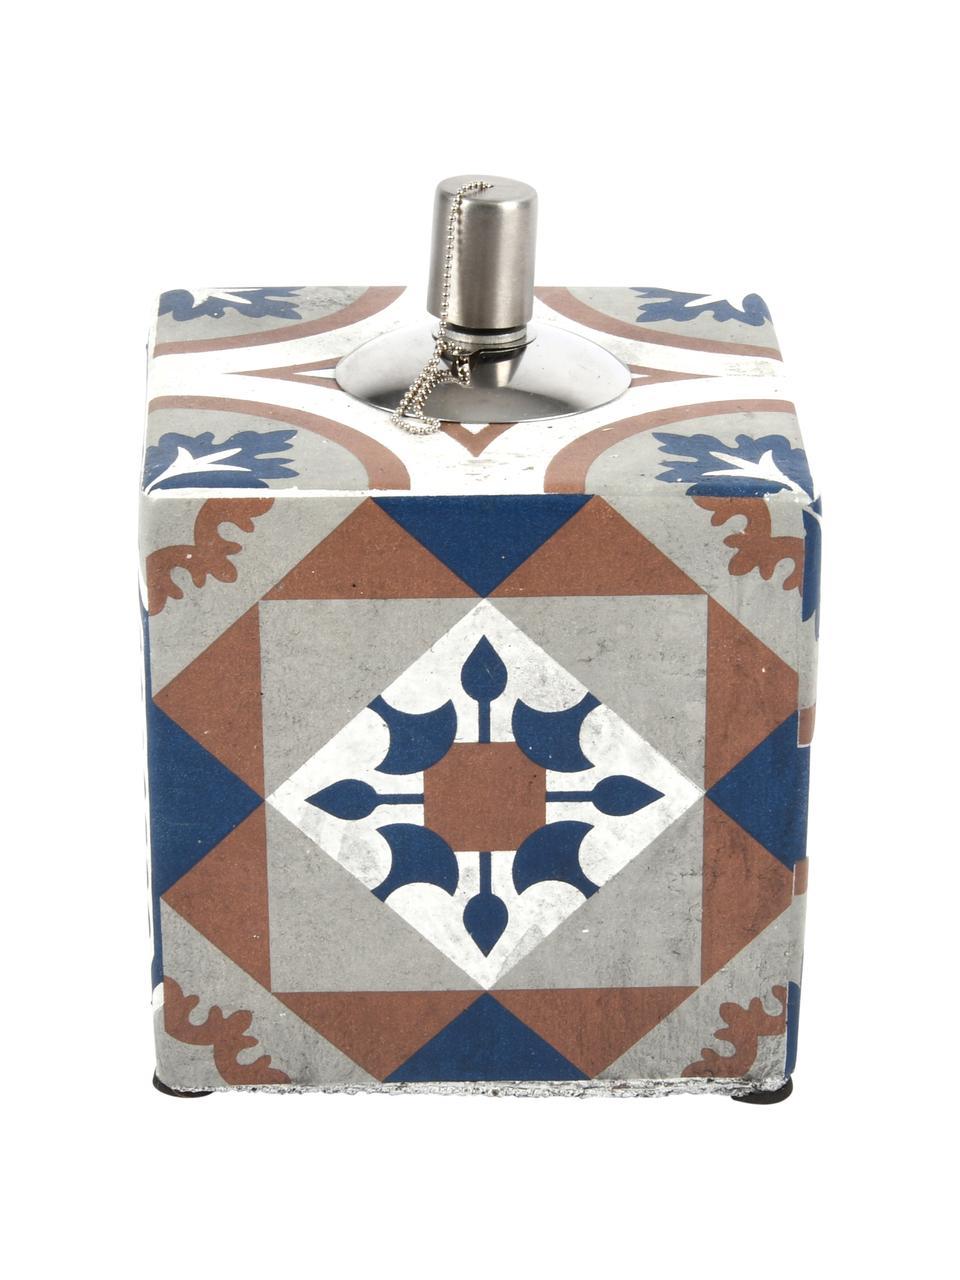 Lampada a olio Tiles, Acciaio inossidabile, cemento, verniciato, Multicolore, Larg. 13 x Alt. 17 cm